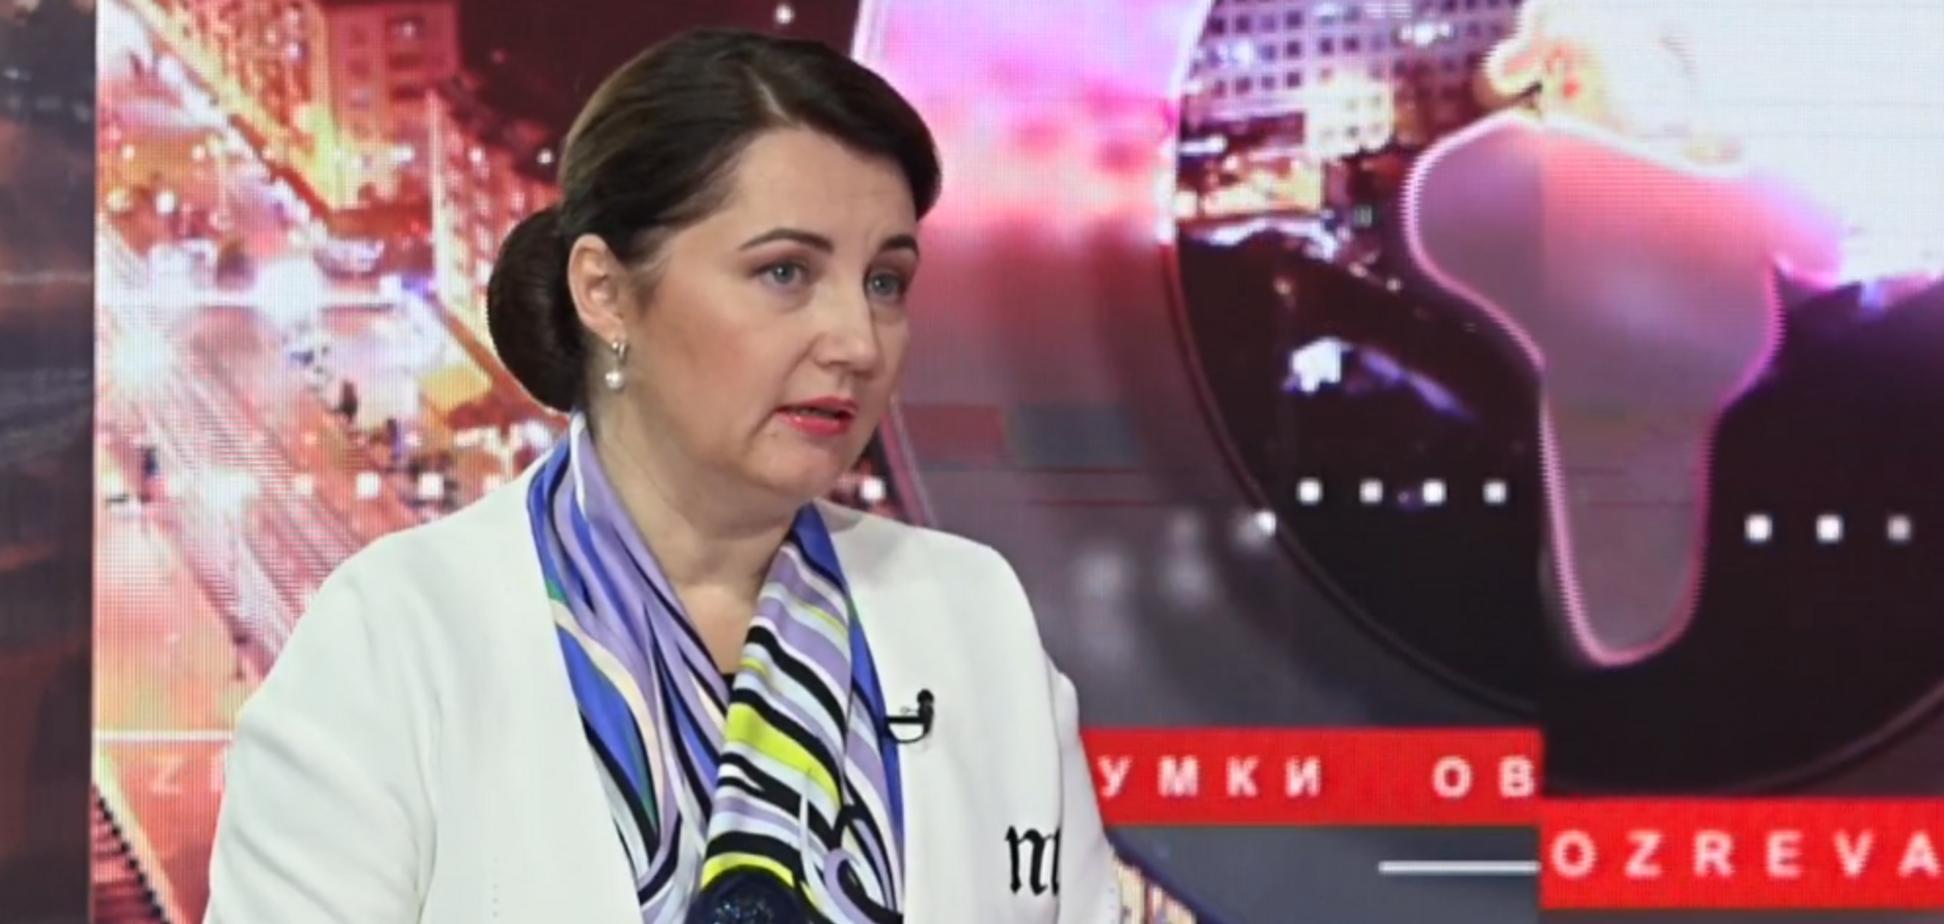 Цена на газ будет другой: постановление Кабмина отменит суд - Яковлева